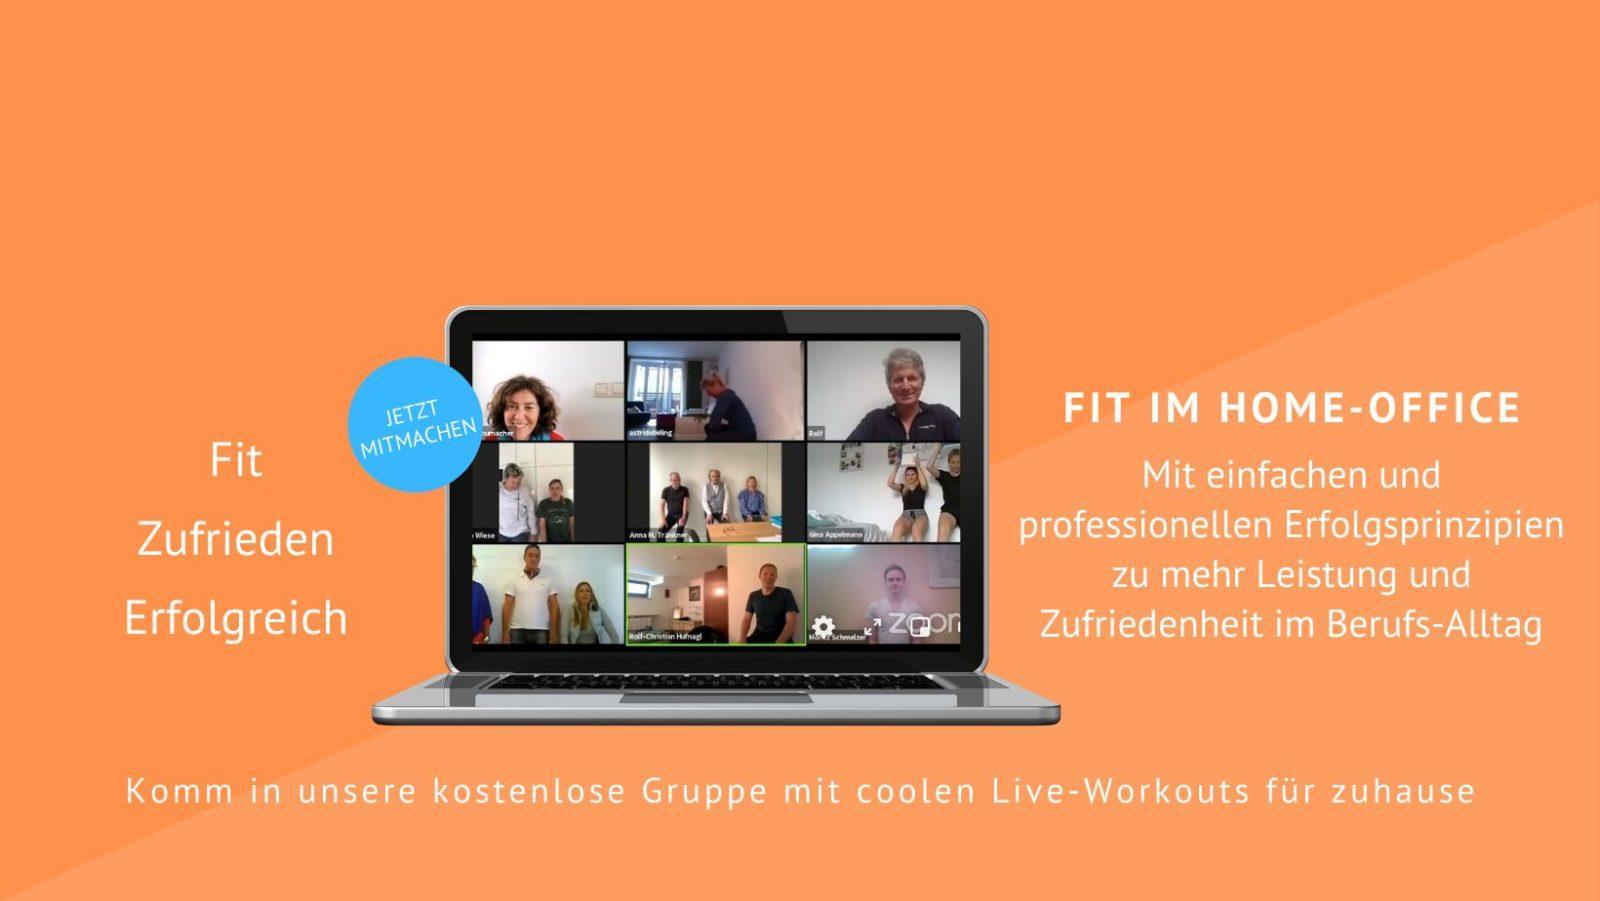 Fit-Zufrieden-Erfolgreich: Die Hampelmann-Challenge Teil 1